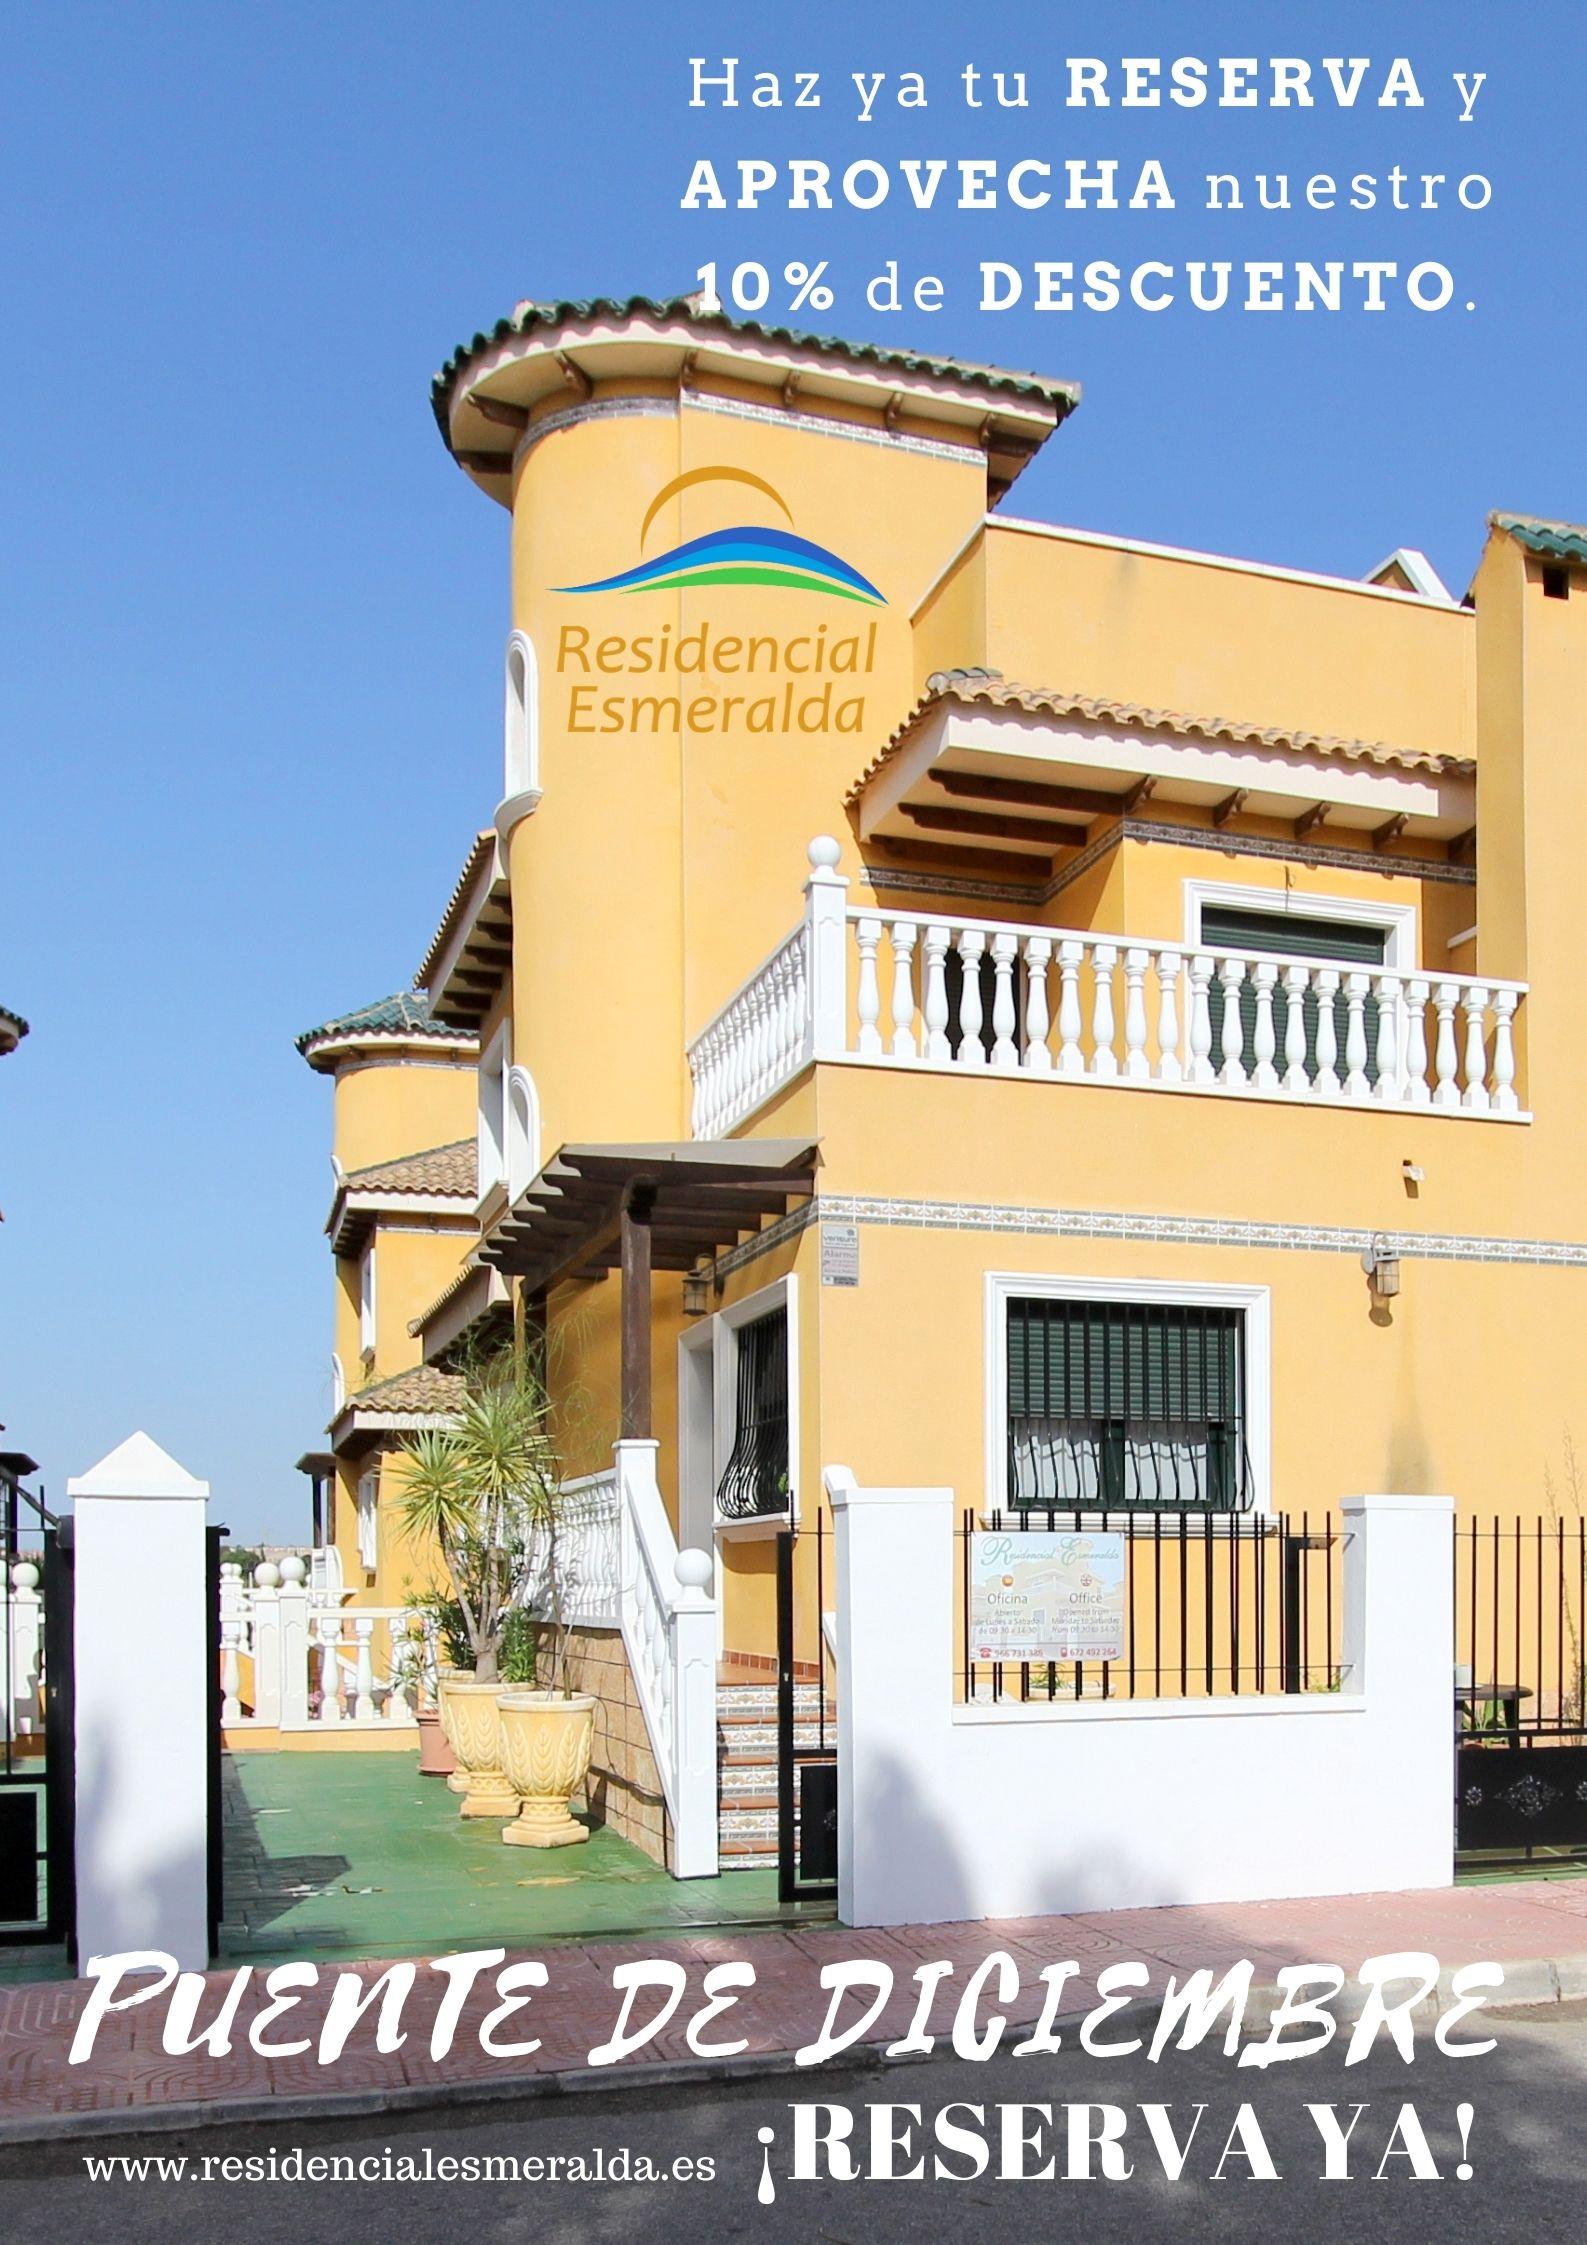 Promoción Puente de Diciembre, en Residencial Esmeralda